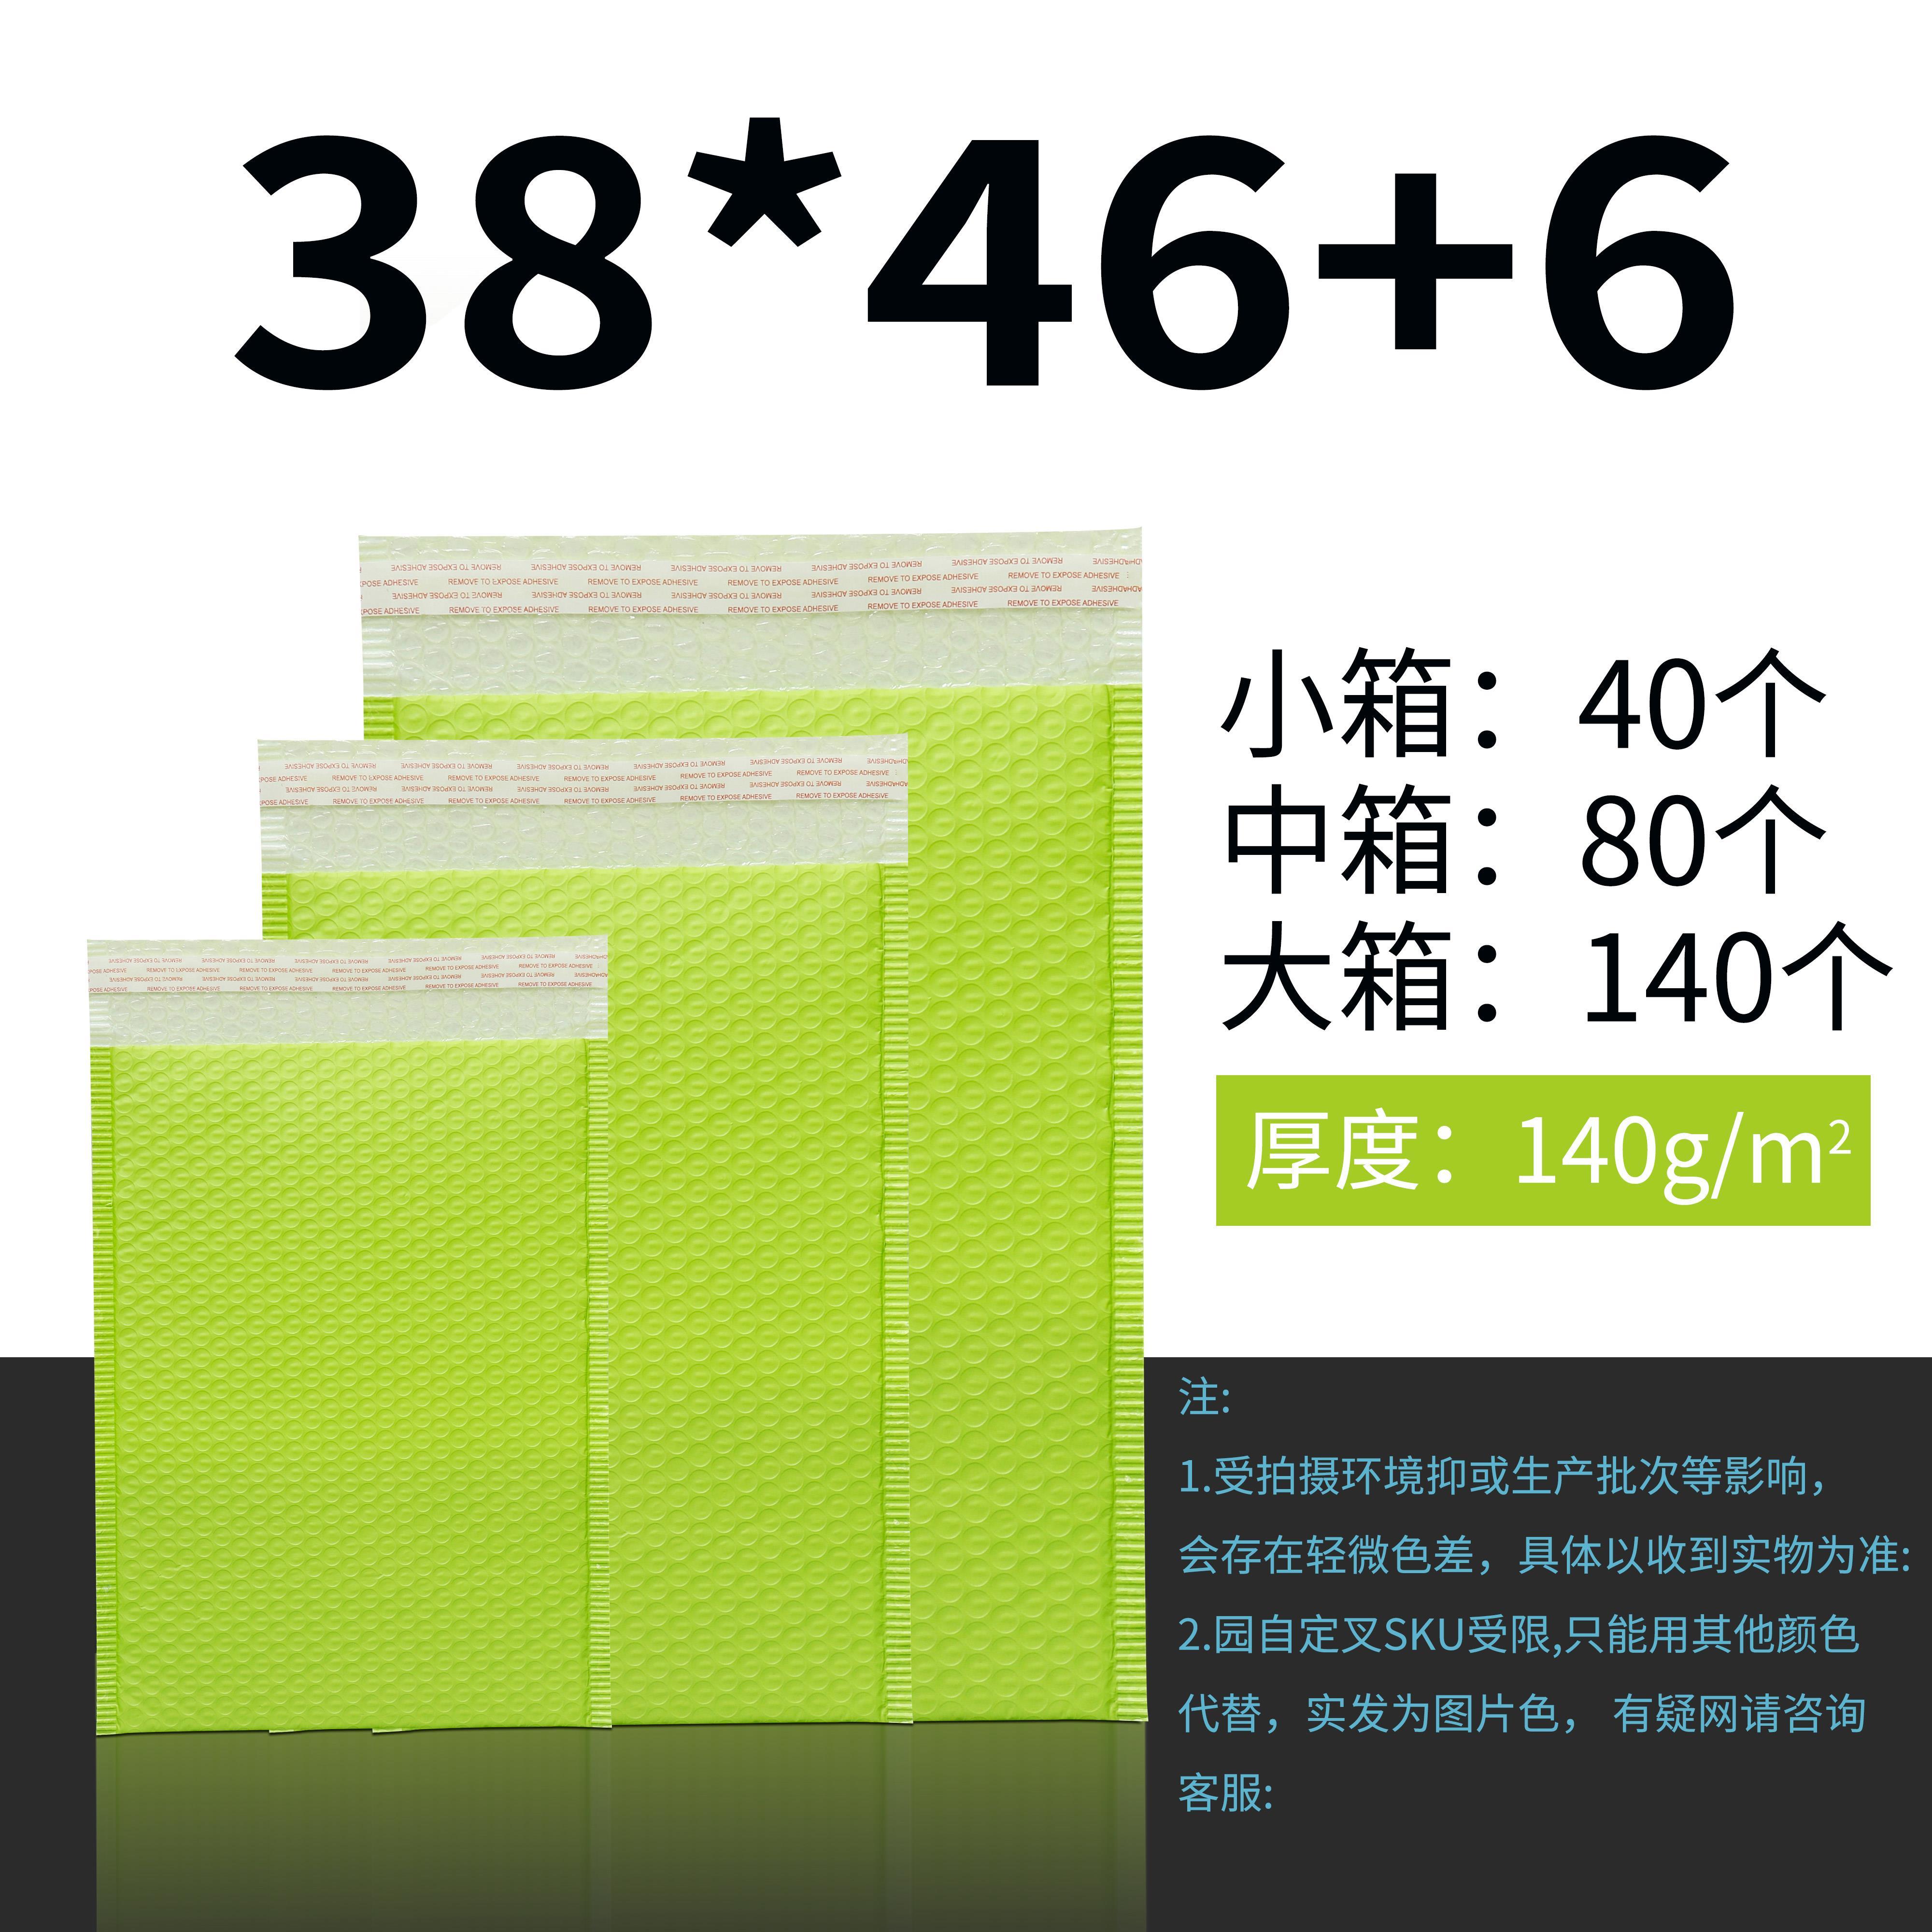 绿色信封包 绿色共挤膜气泡信封袋新品服装包装袋快递打包袋子加厚防震泡沫袋_推荐淘宝好看的绿色信封包